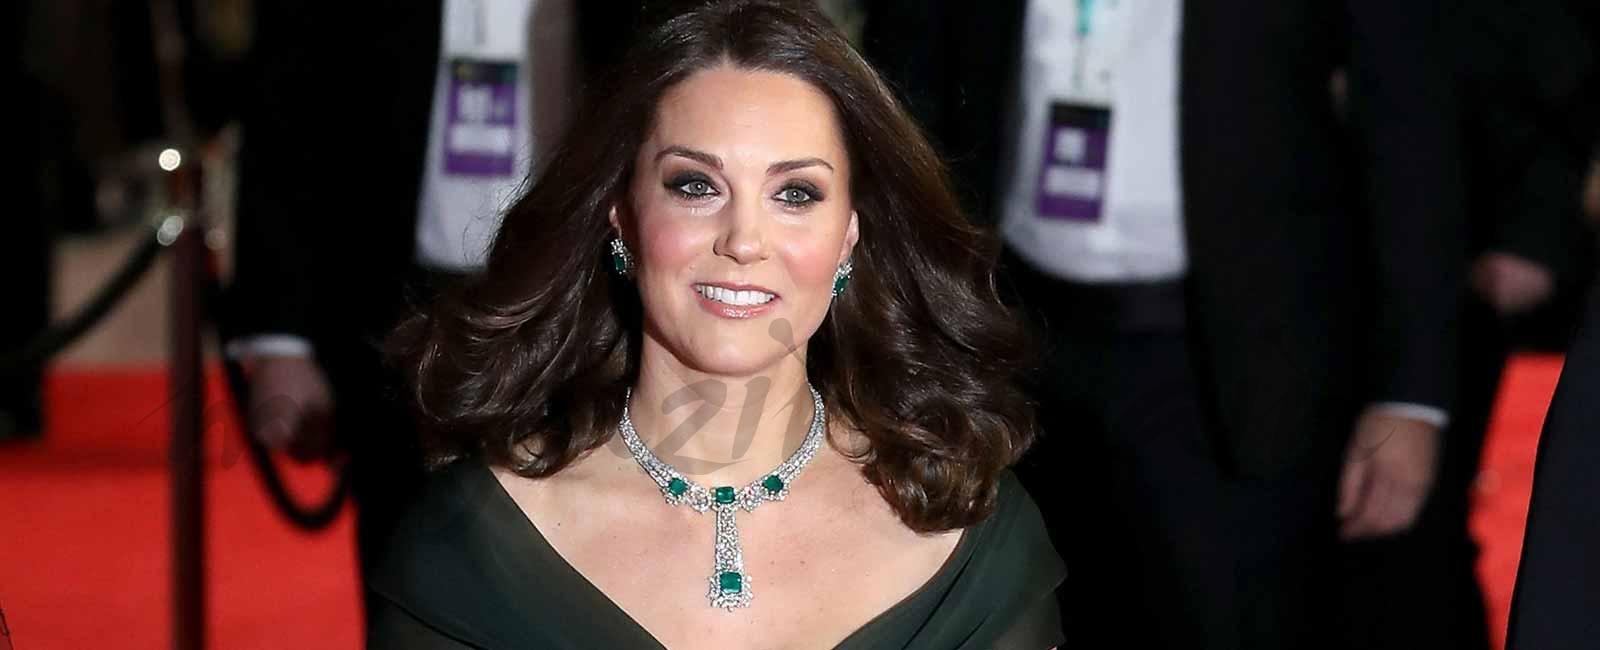 El comentado look de Kate Middleton en los Premios Bafta